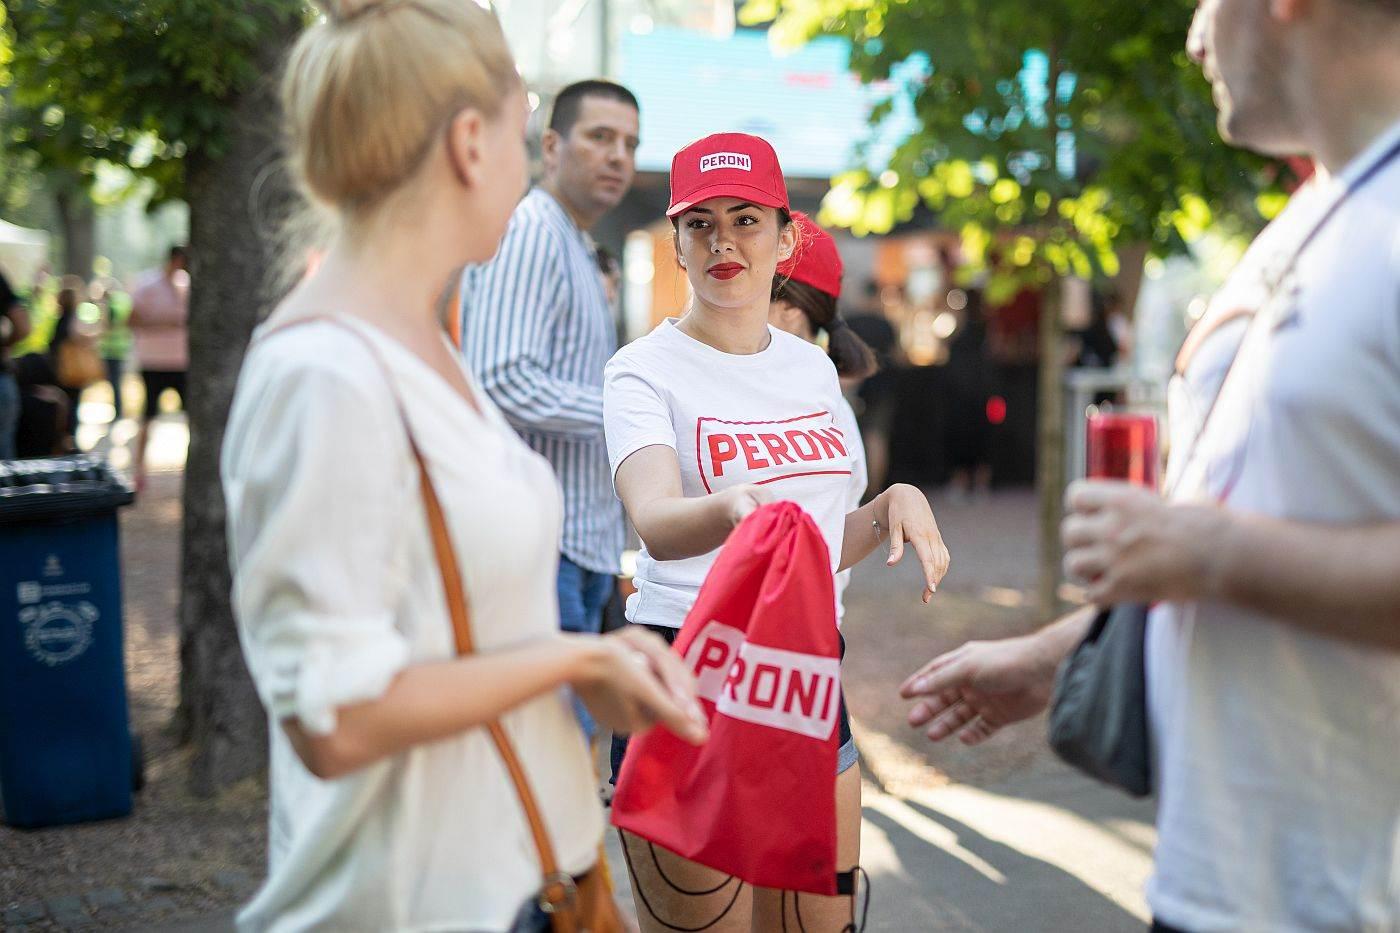 Peroni Burger Fest